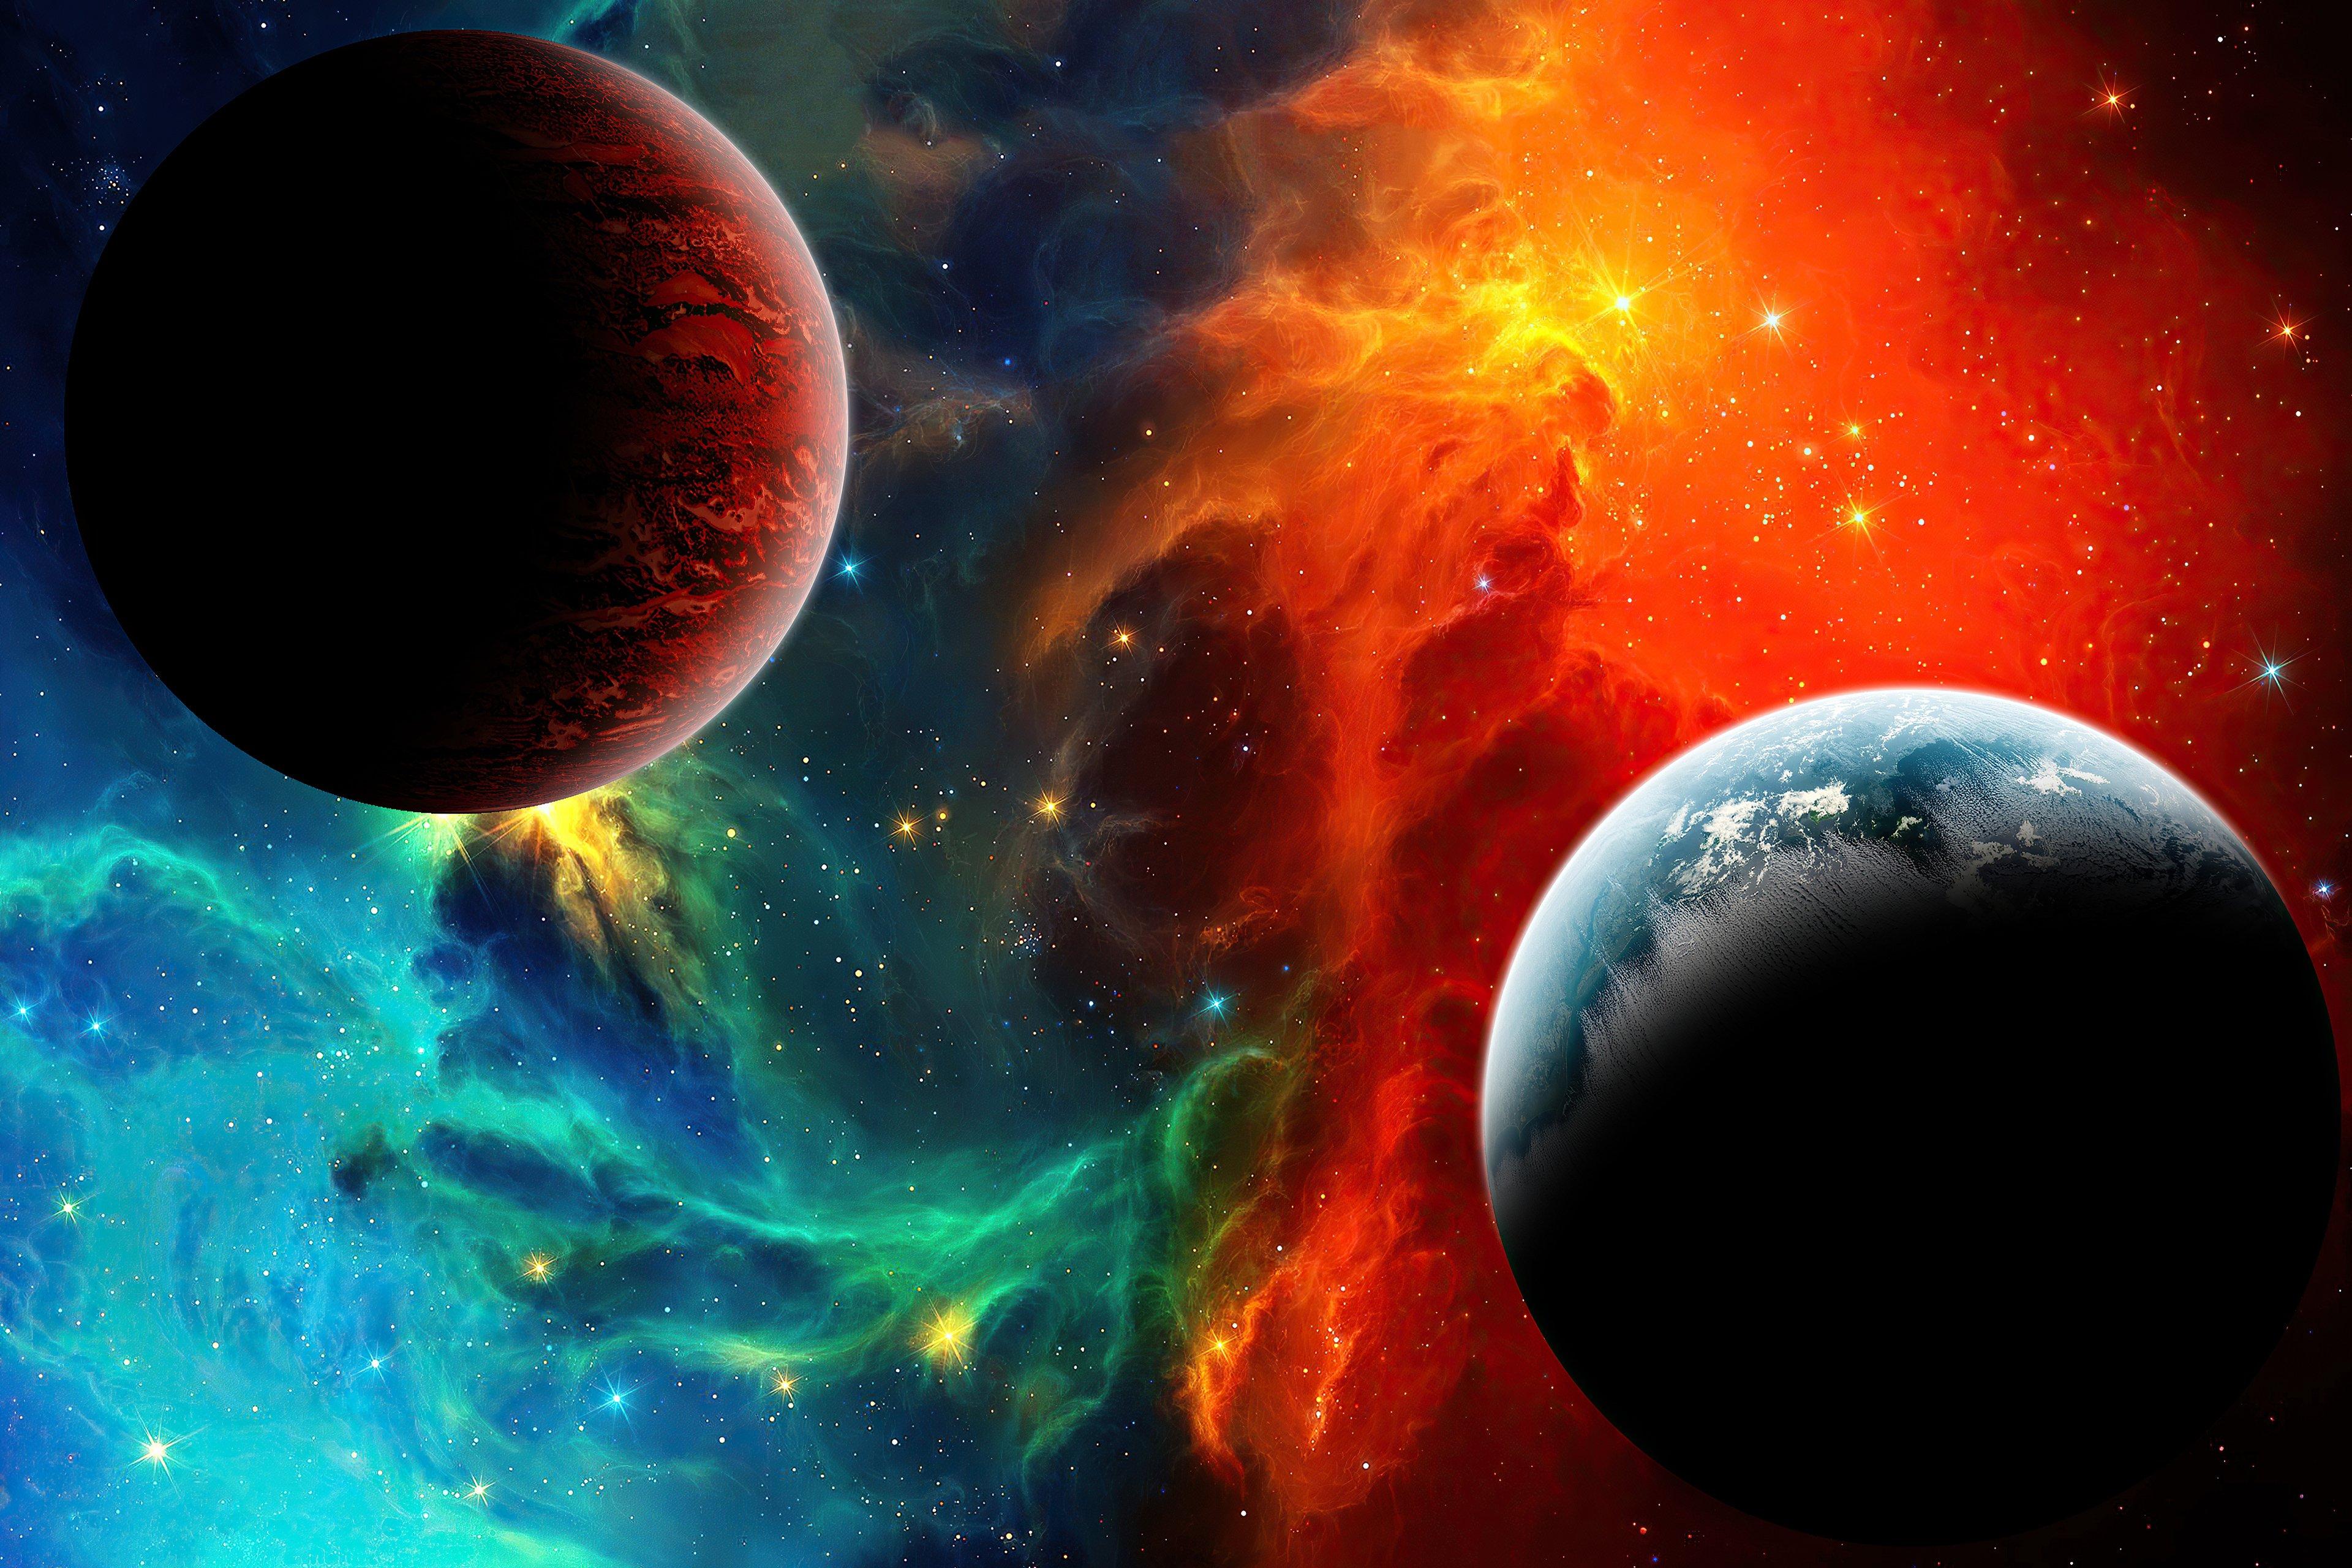 Fondos de pantalla Nebula colorida en el espacio